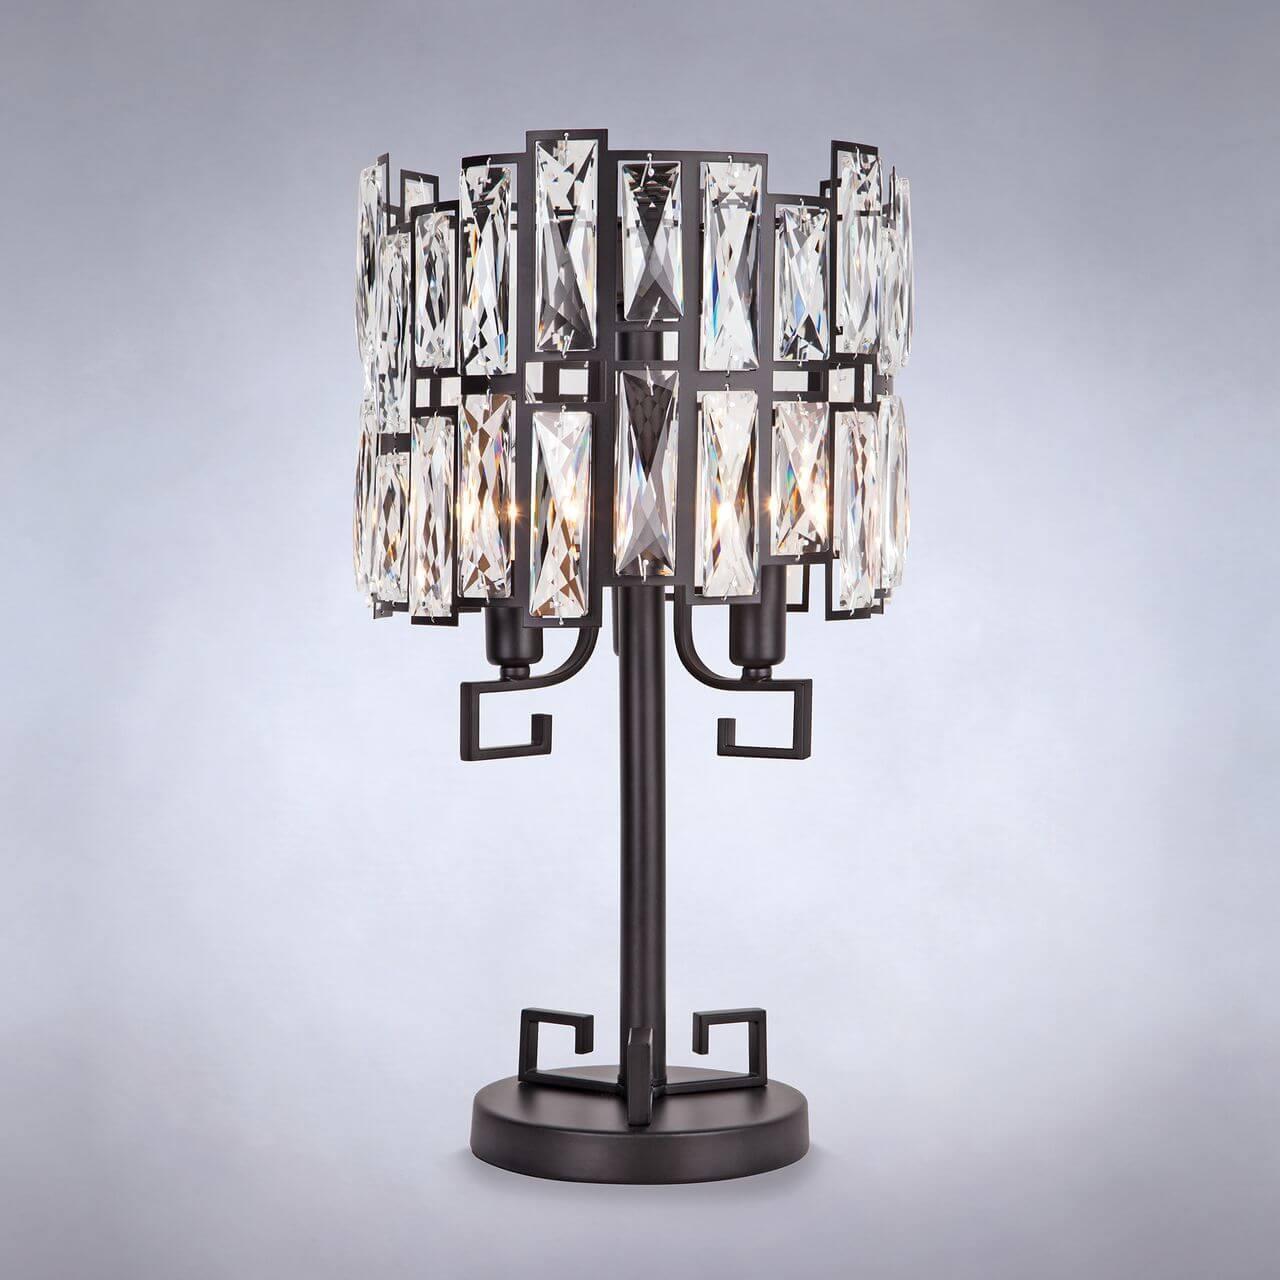 Настольная лампа Bogates Frammenti 01093/3 Strotskis лампа настольная декоративная bogates 01090 1